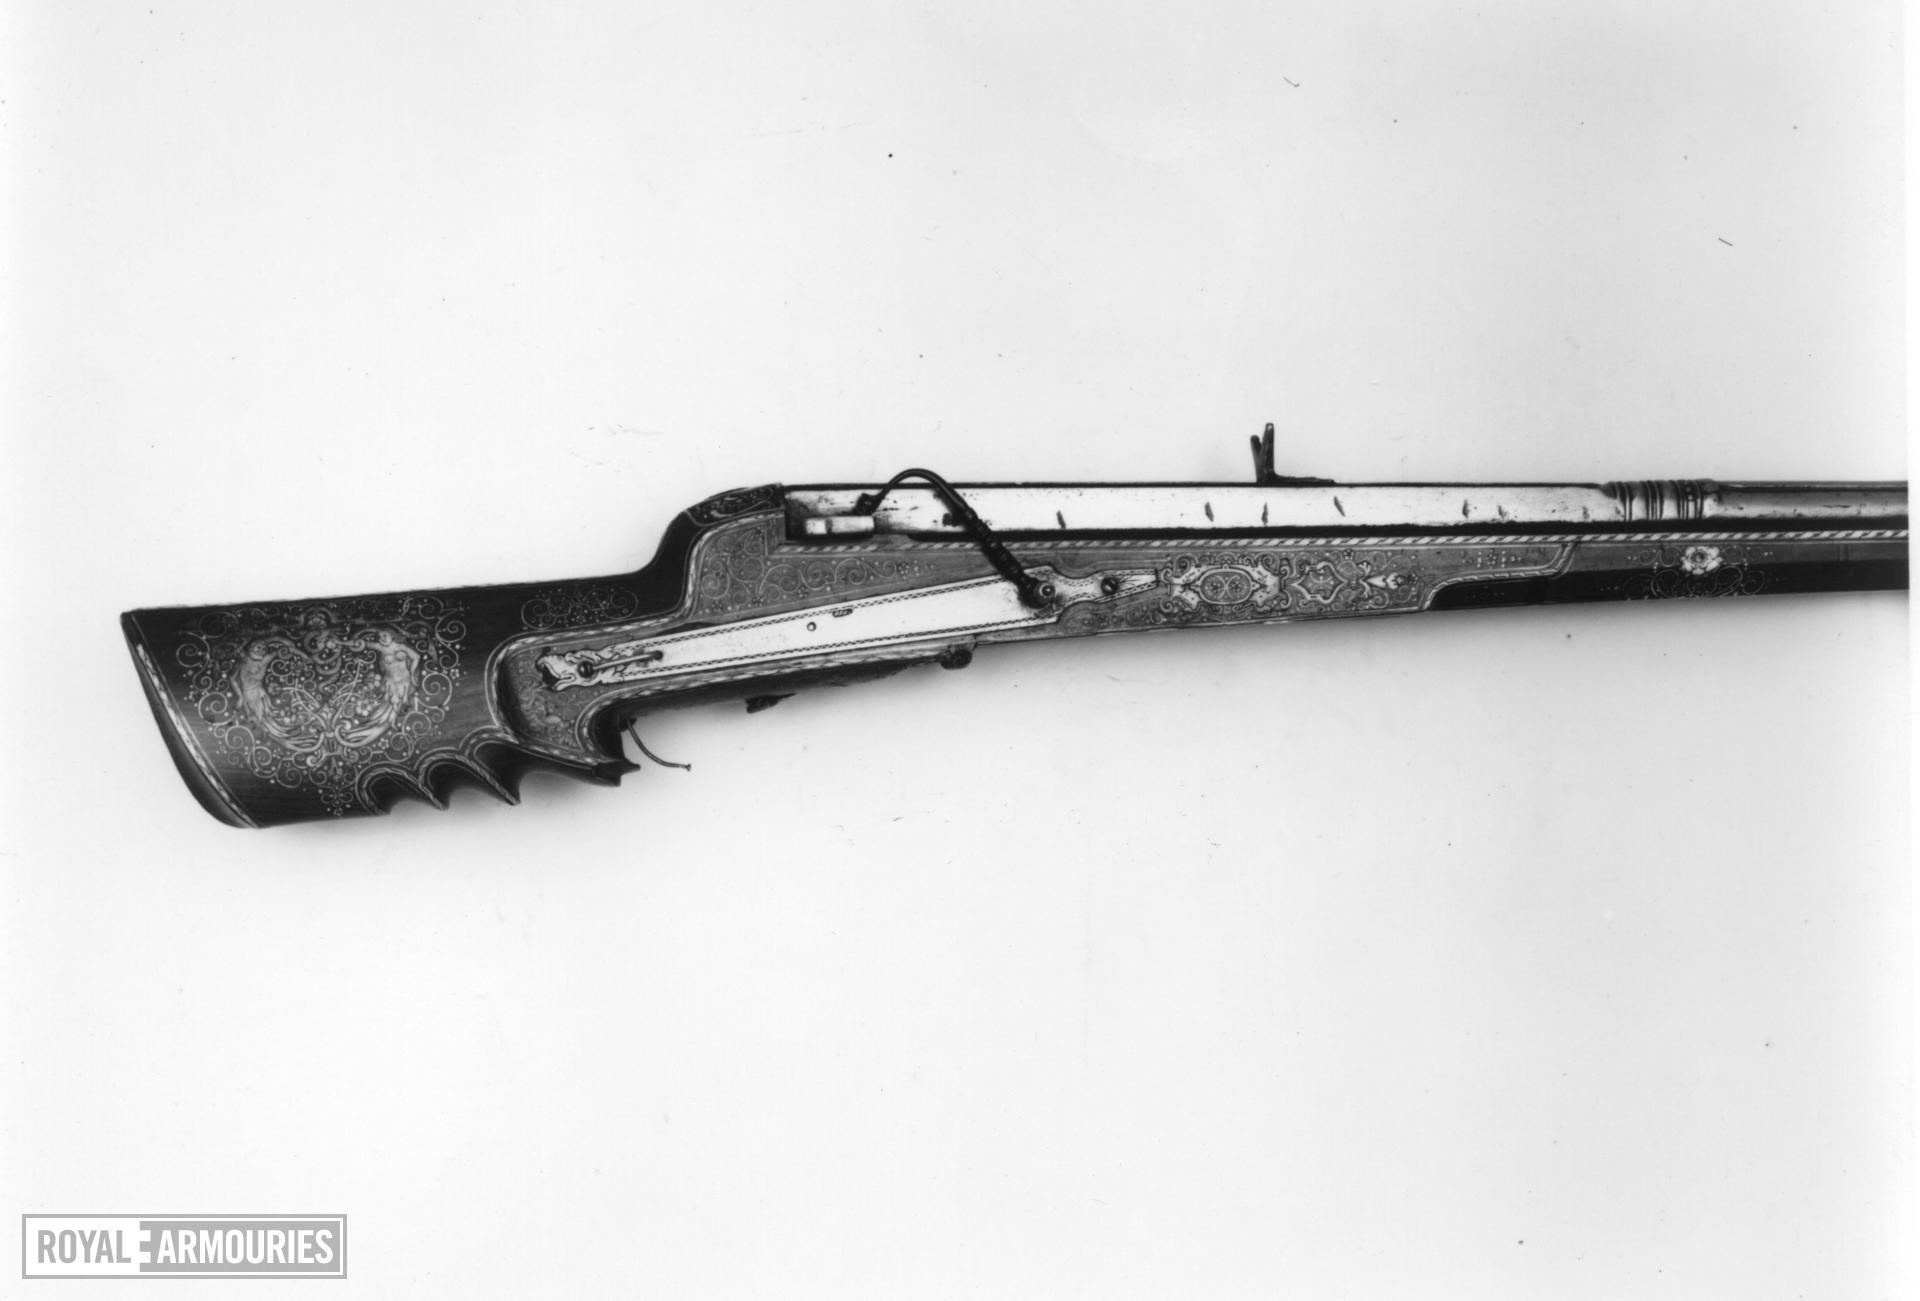 Matchlock muzzle-loading musket